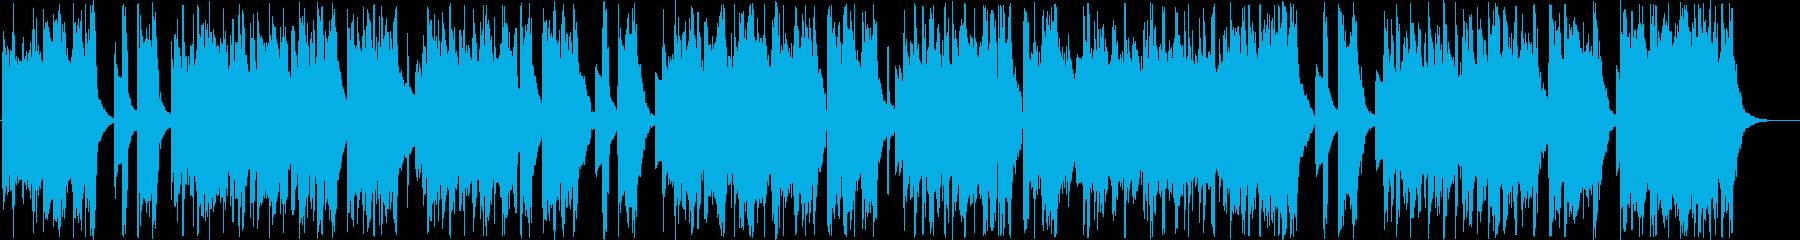 ムードあるインフォメーションミュージックの再生済みの波形